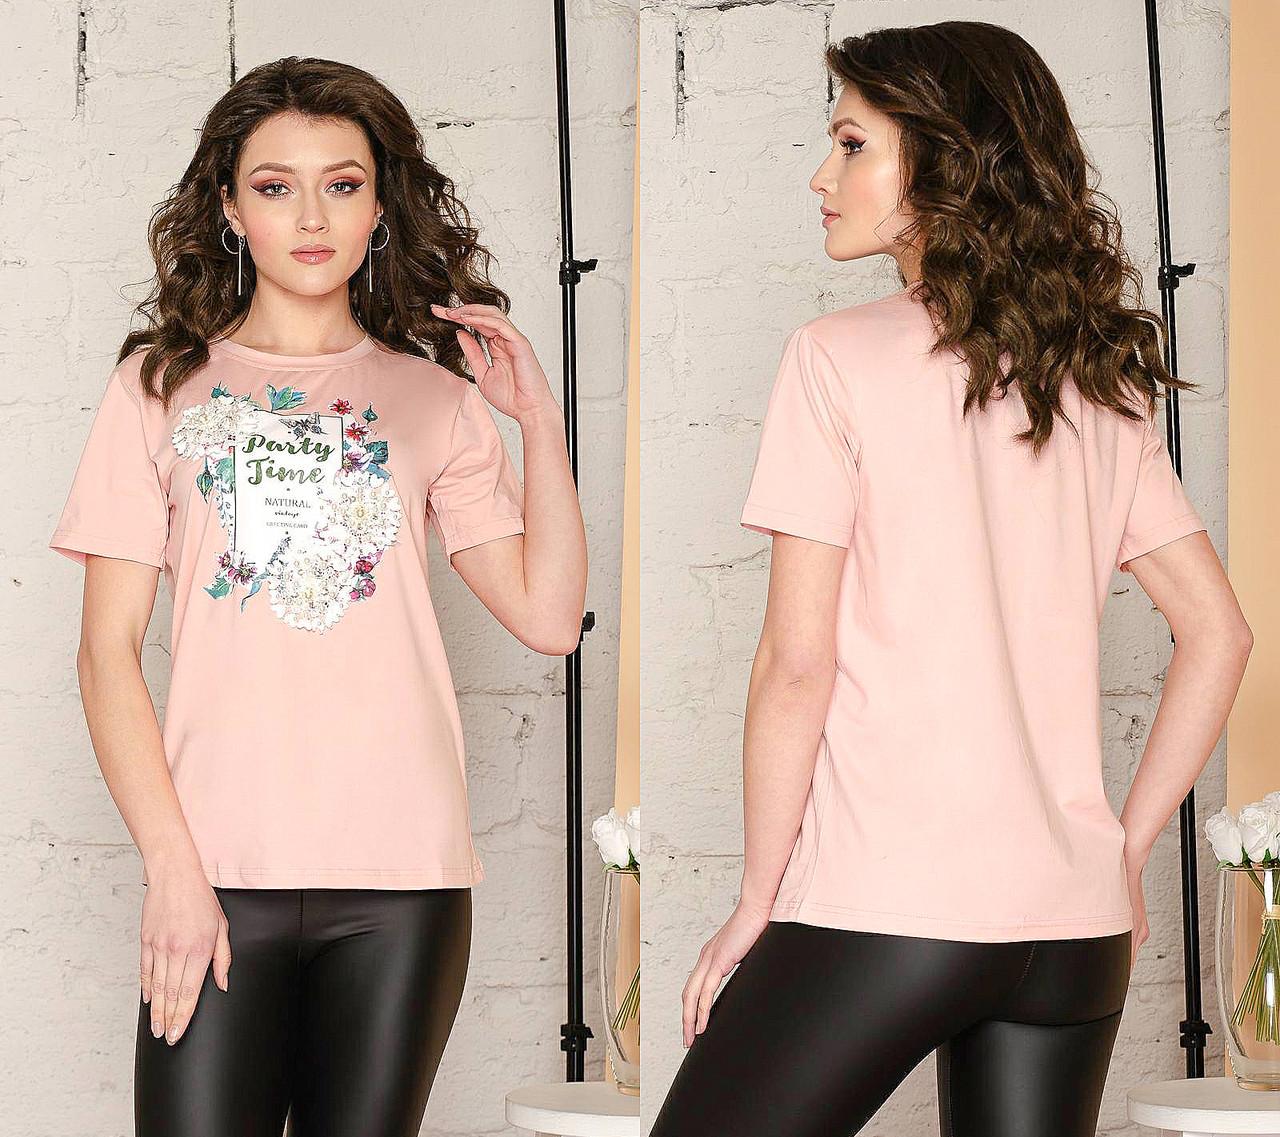 Молодіжна жіноча футболка ошатна 44-46 (в кольорах)